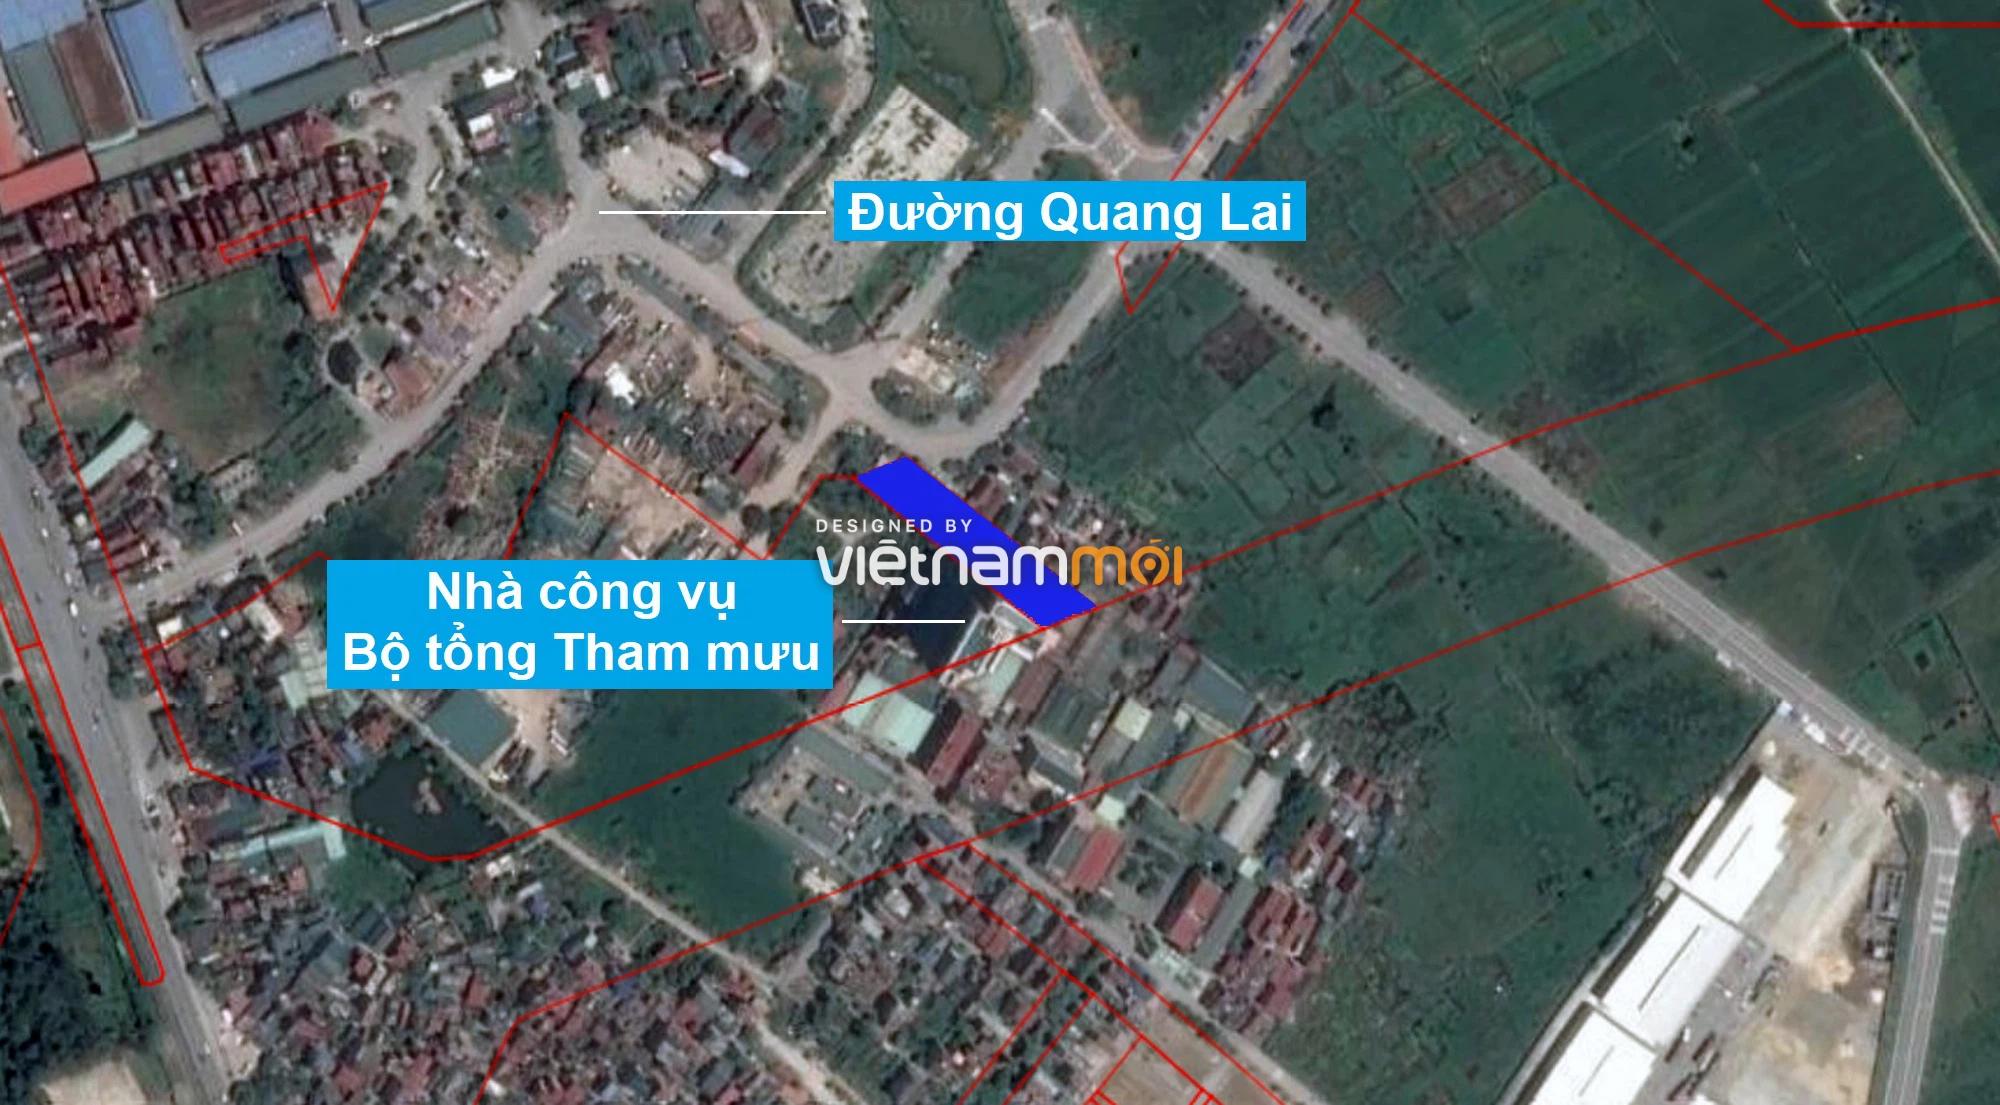 Những khu đất sắp thu hồi để mở đường ở xã Ngũ Hiệp, Thanh Trì, Hà Nội (phần 1) - Ảnh 10.